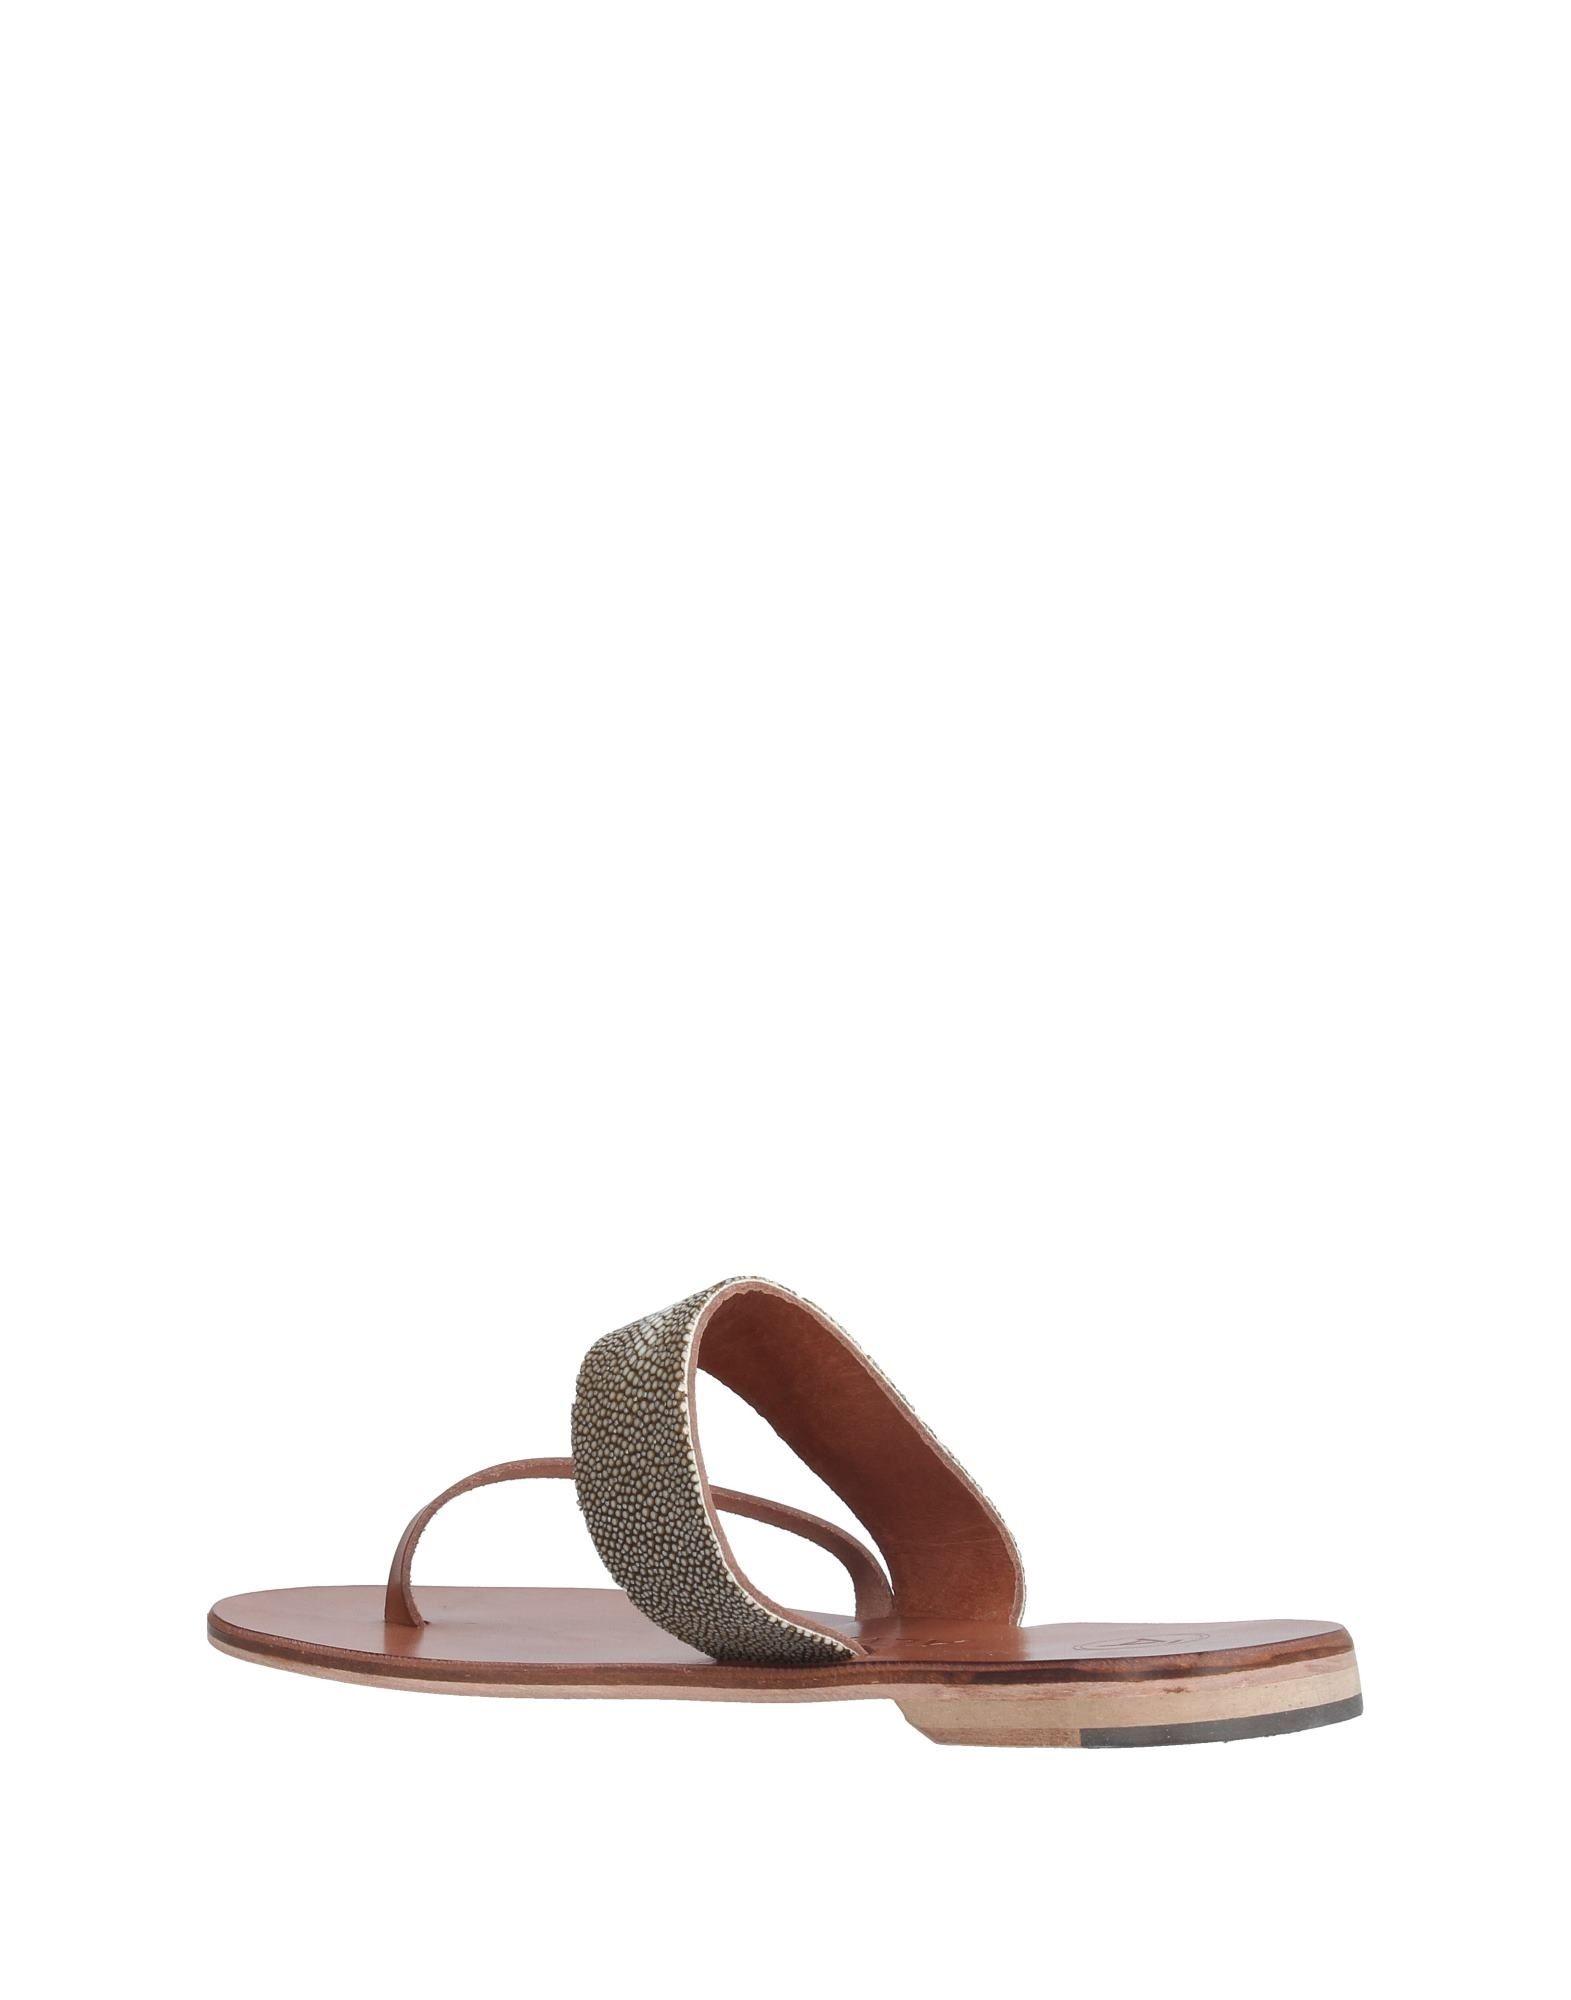 Álvaro González Dianetten Damen  11204434DJGut aussehende strapazierfähige Schuhe